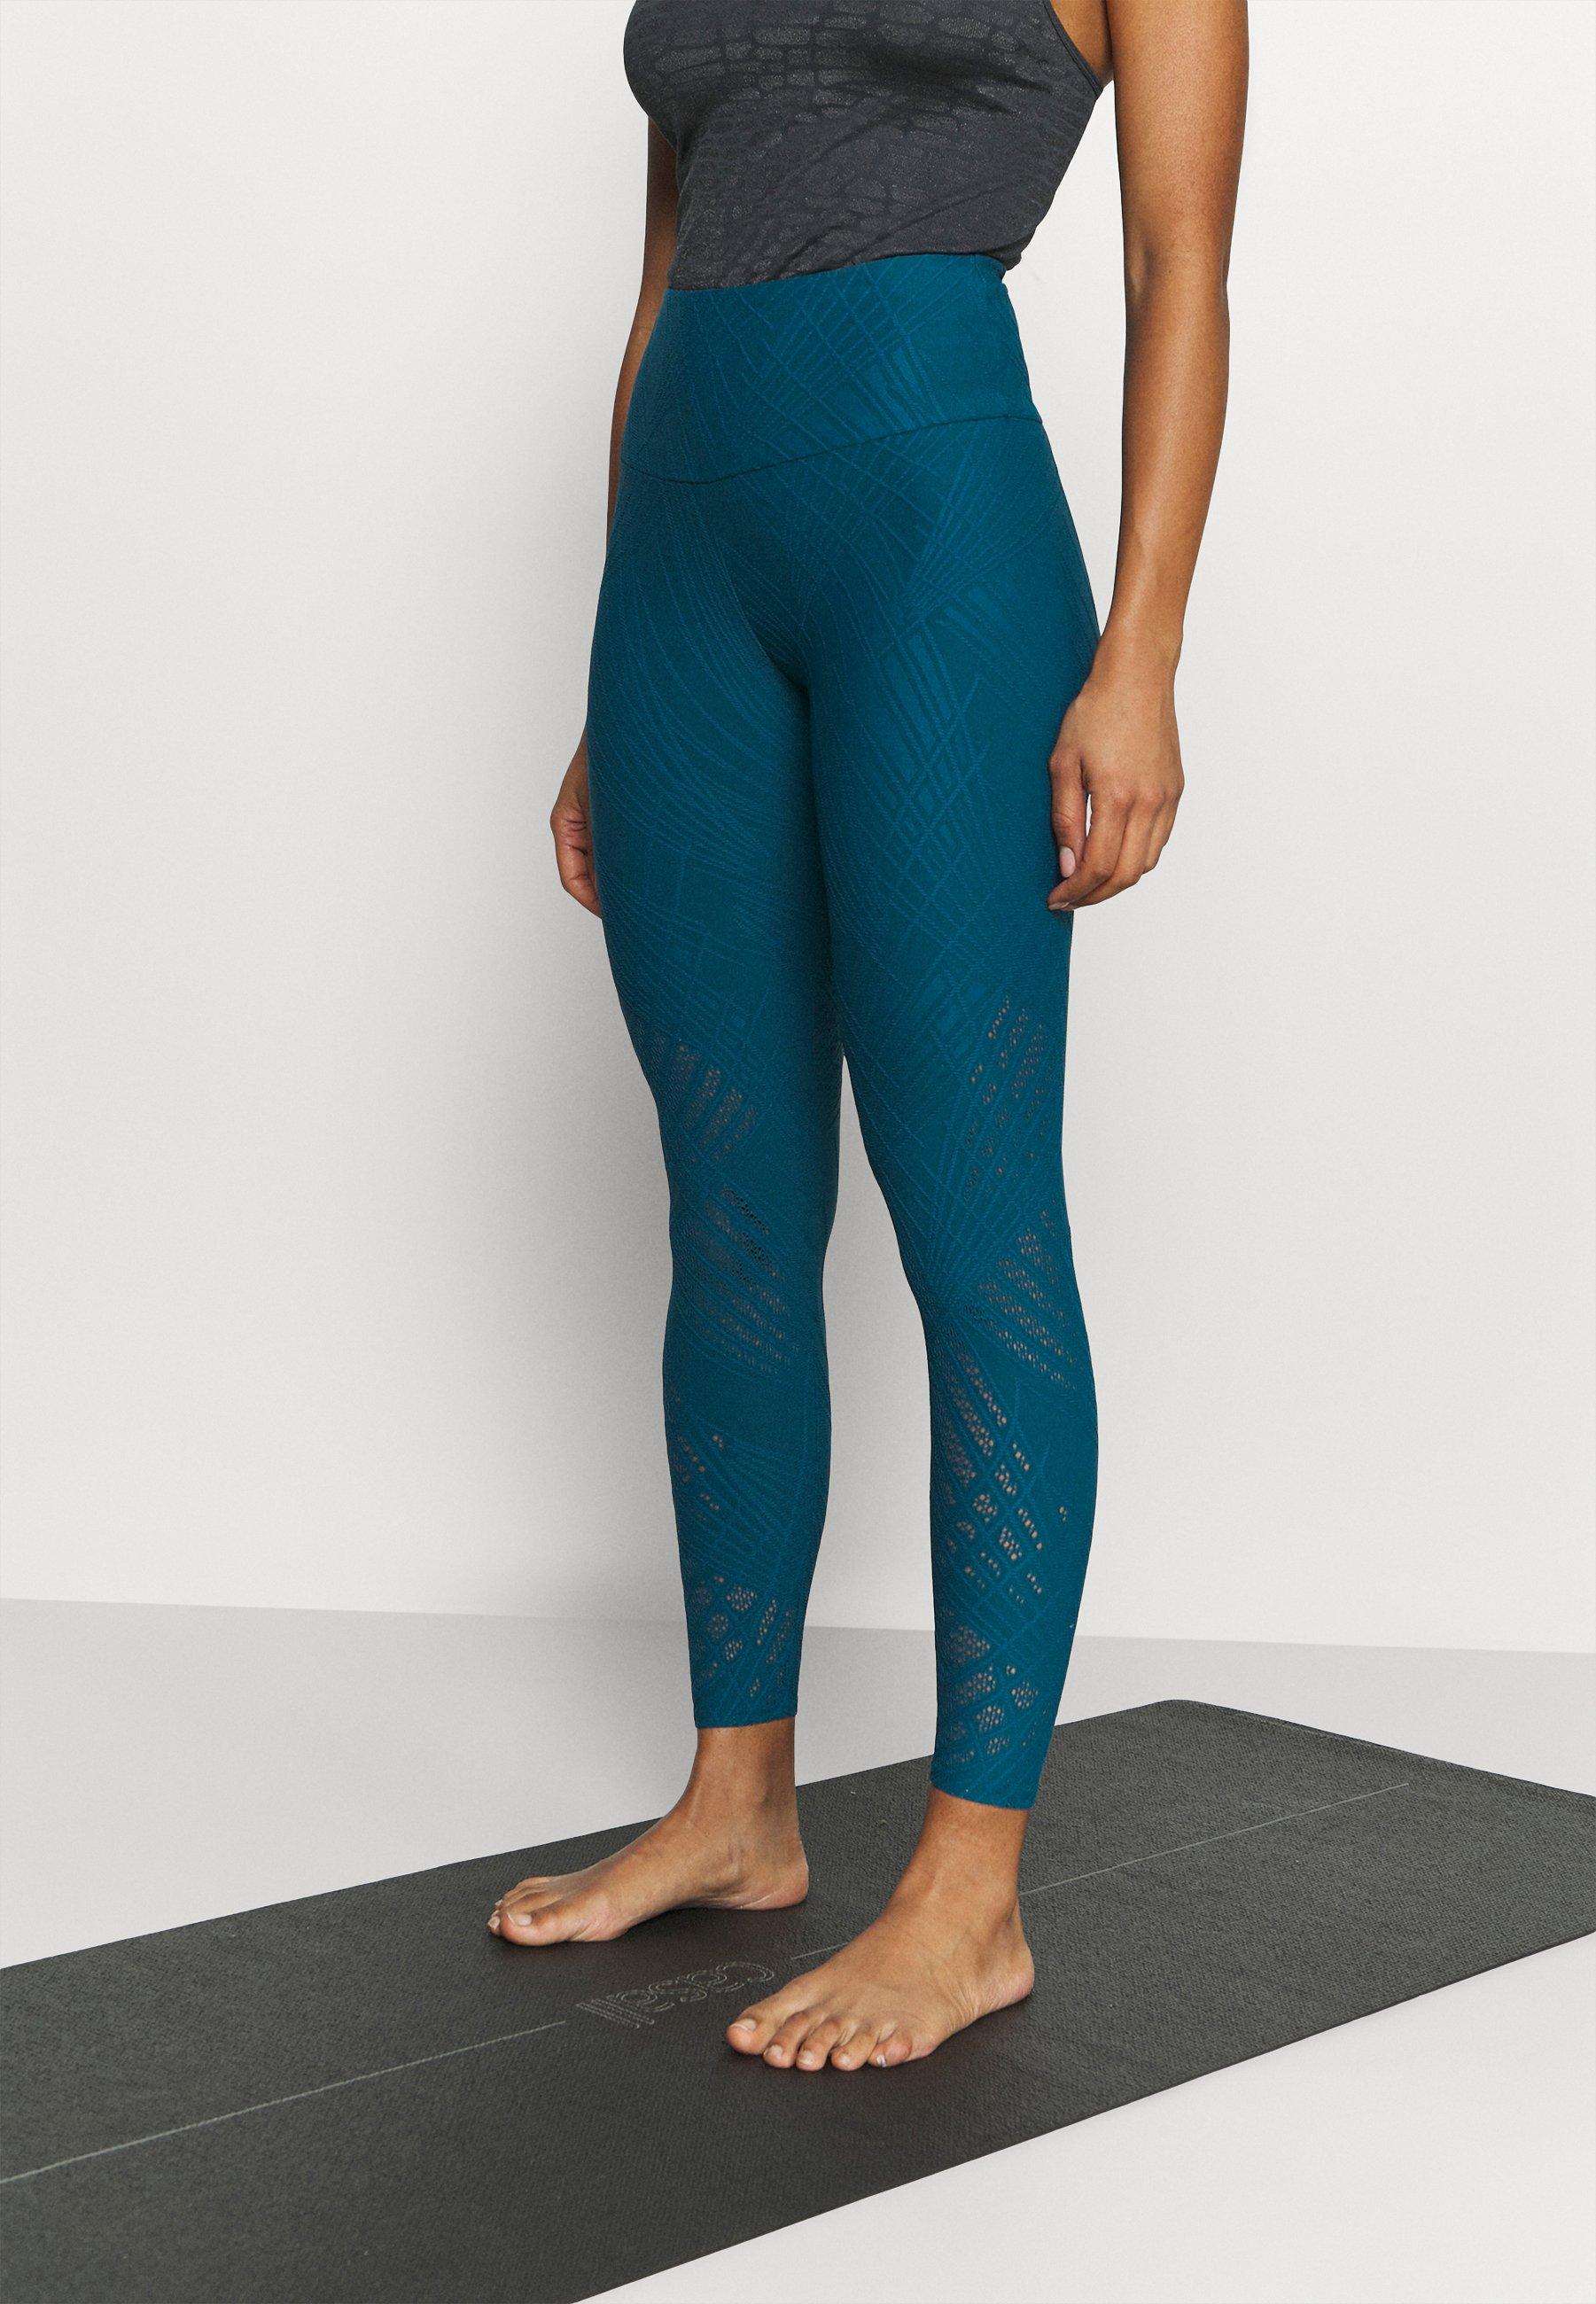 Femme SELENITE LEGGING - Collants